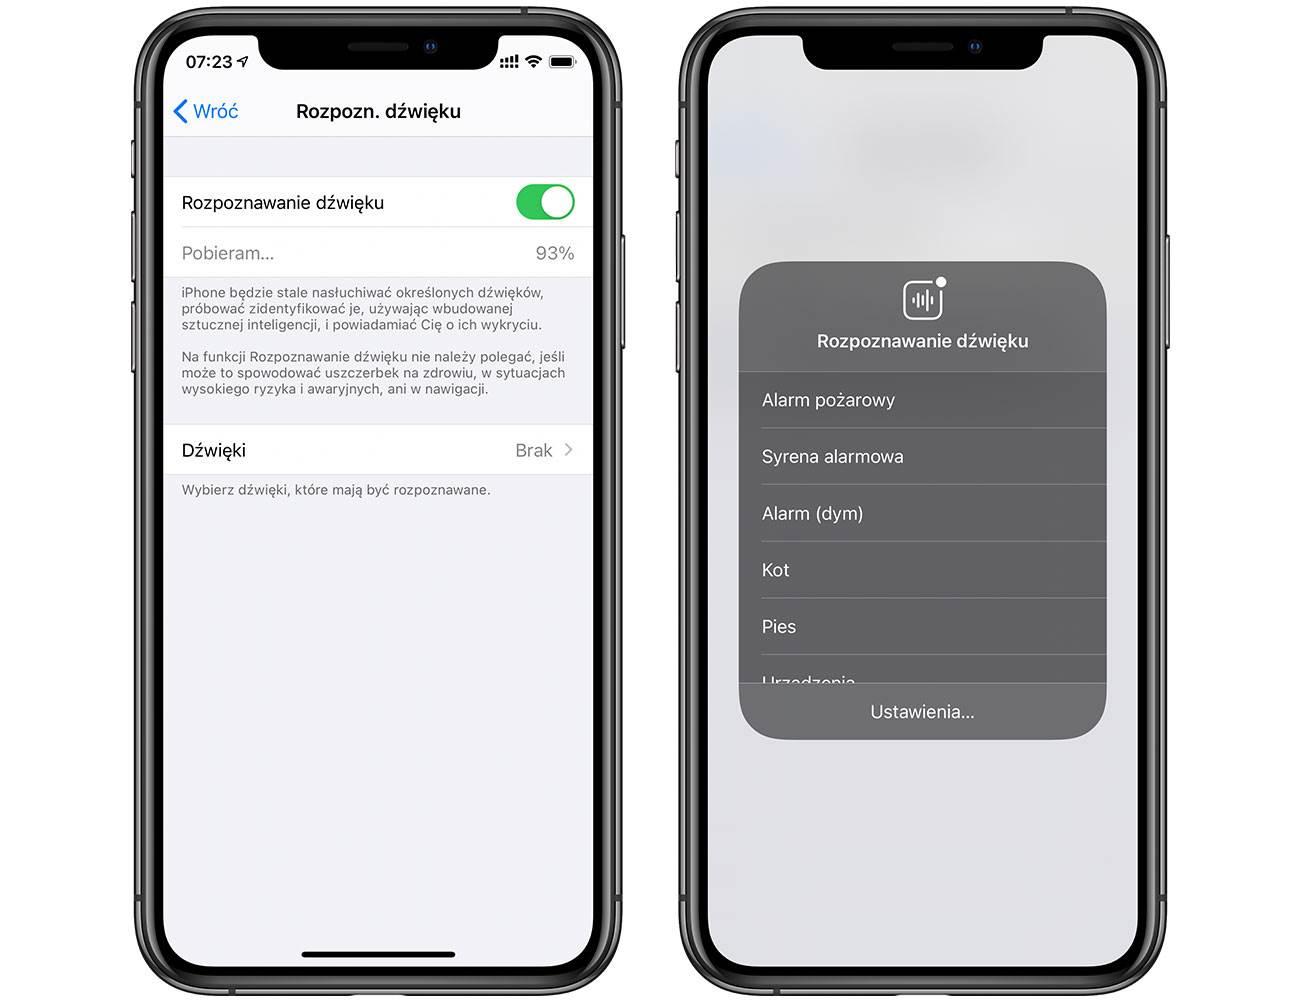 Twój iPhone może rozpoznawać dźwięki. Apple udostępnia instrukcję korzystania z funkcji polecane, ciekawostki Wideo, Rozpoznawanie dźwięku, iPhone, iPad, iOS  Firma Apple opublikowała nowe wideo opisujące działanie funkcji rozpoznawania dźwięku w iPhone i iPad. Znajduje się ona w menu dostępności. iOS14 rozpoznawanie 1